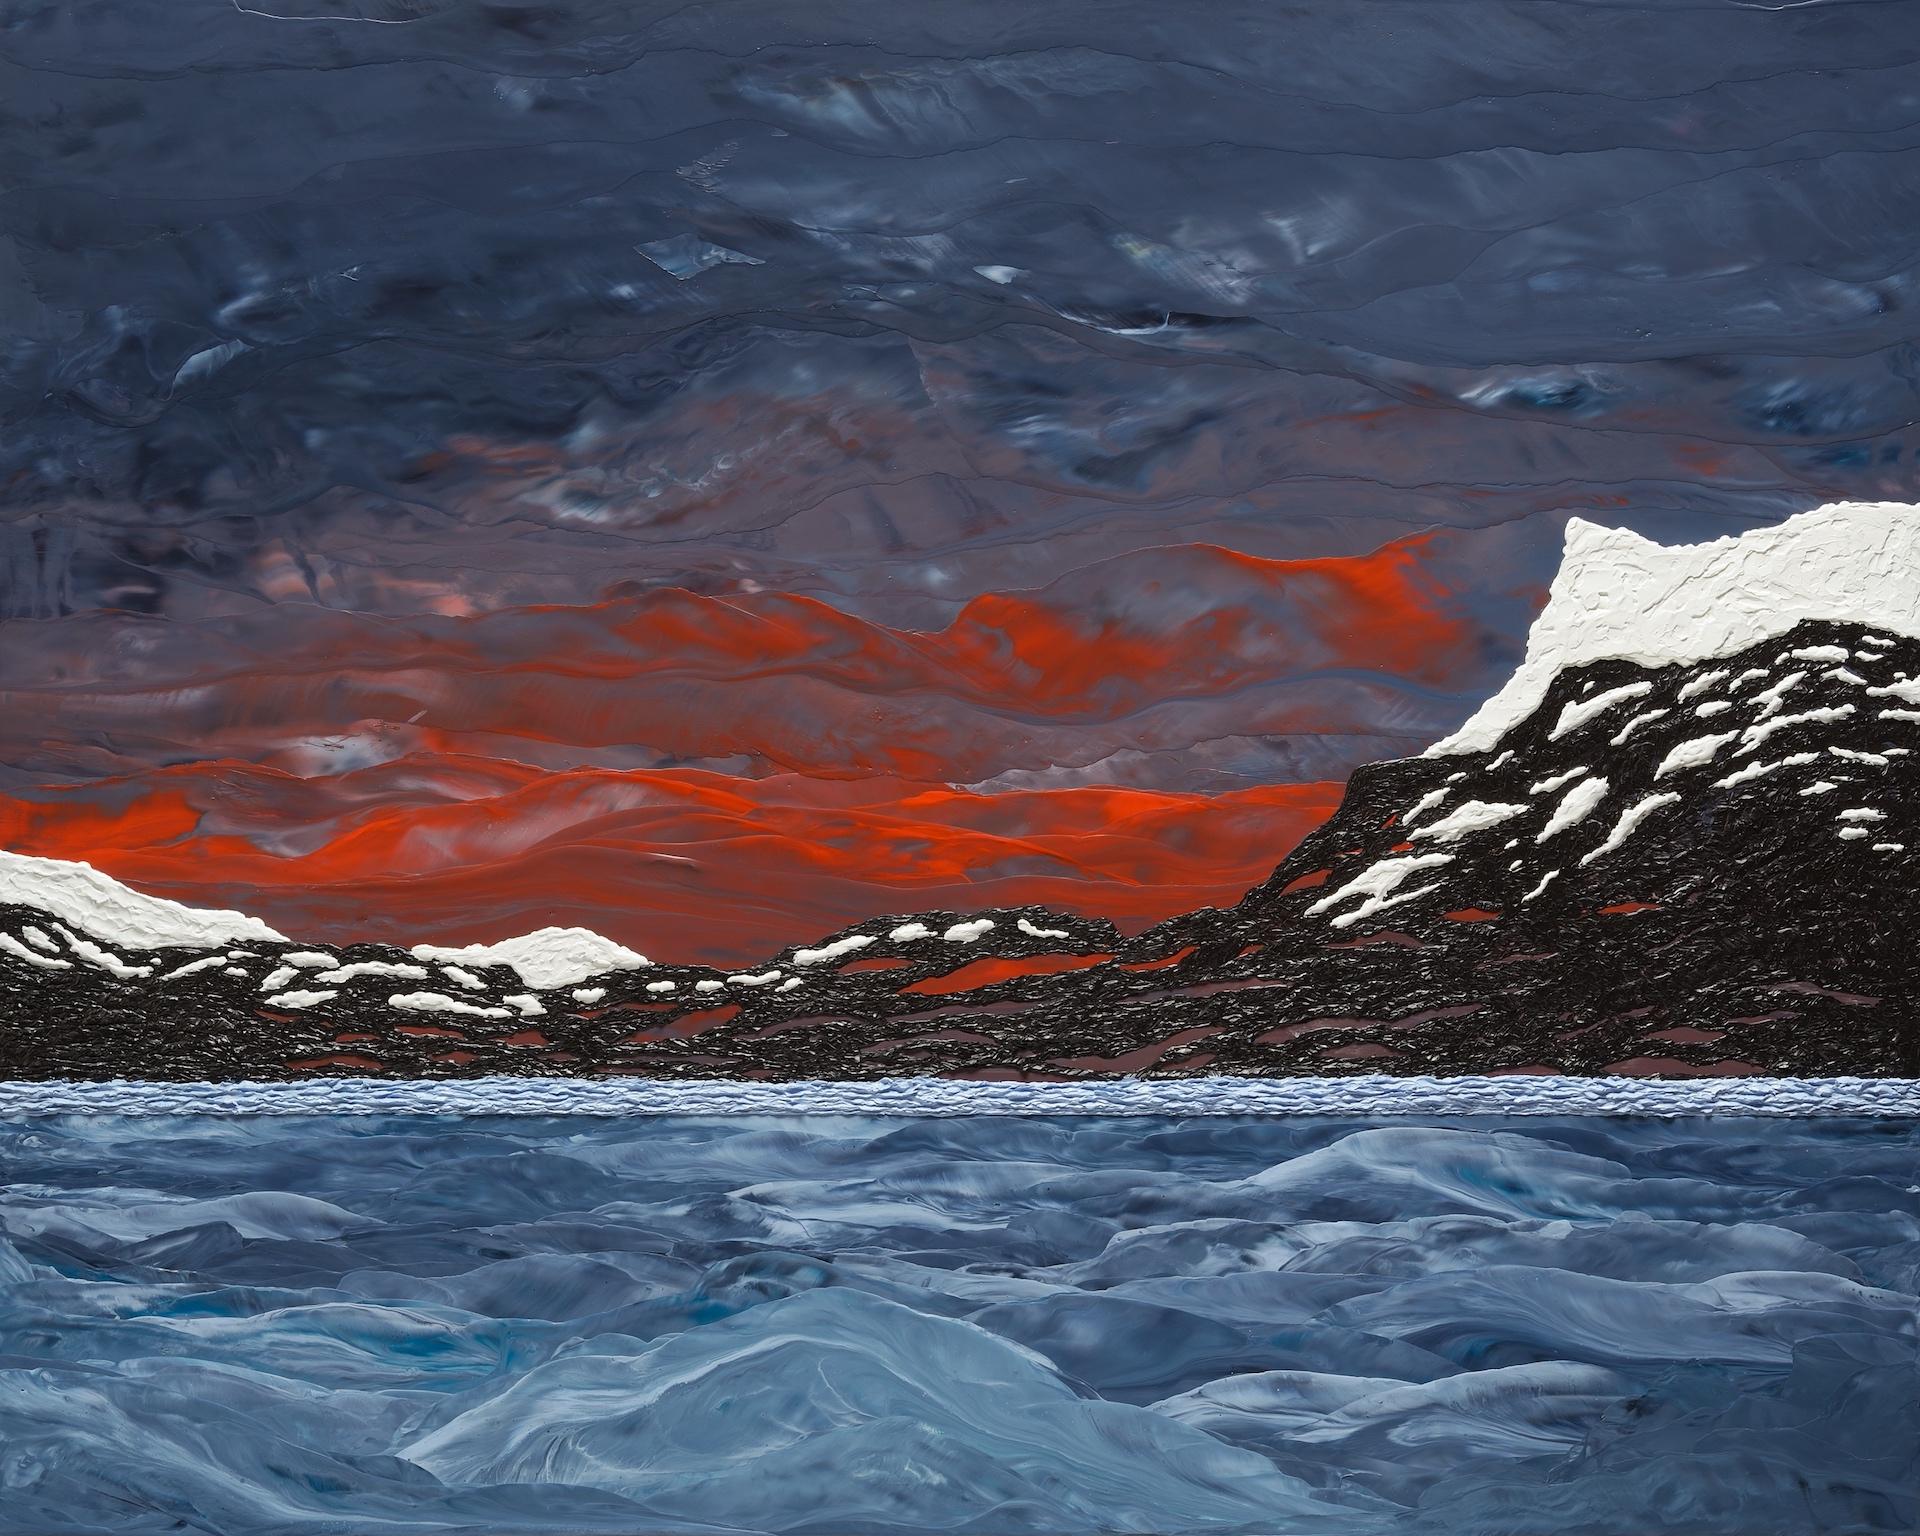 21. Polar Project III